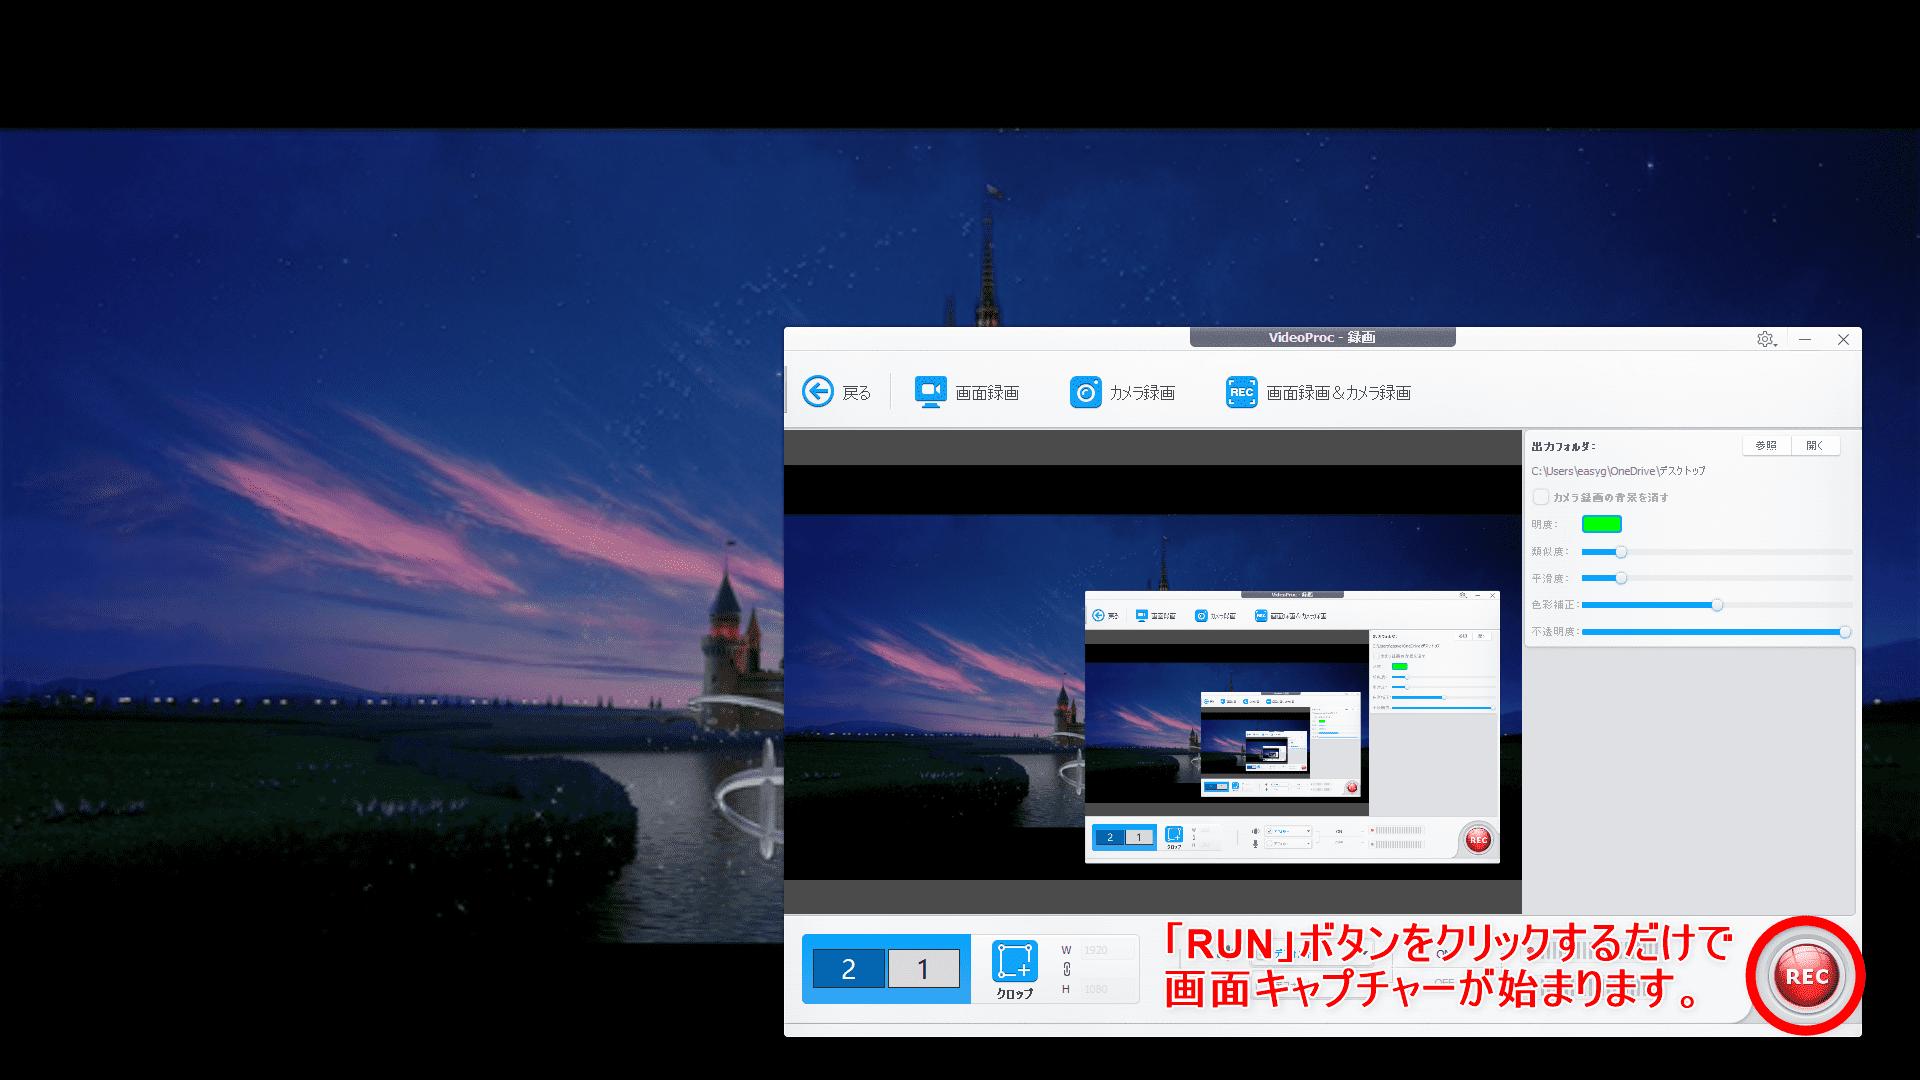 【DVDの合法的コピー方法】リッピング・データ変換の必要なし!コピーガード解除しない完全合法でDVD動画データをPC保存する方法|VideoProcで簡単保存|DVDコンテンツを画面キャプチャーする方法:DVDの動画を画面録画する:操作画面の右下にある「RUN」ボタンをクリックするだけです。 すると撮影のカウントダウンが始まるので、カウントに合わせてメディアプレイヤー側の再生ボタンを押しましょう。